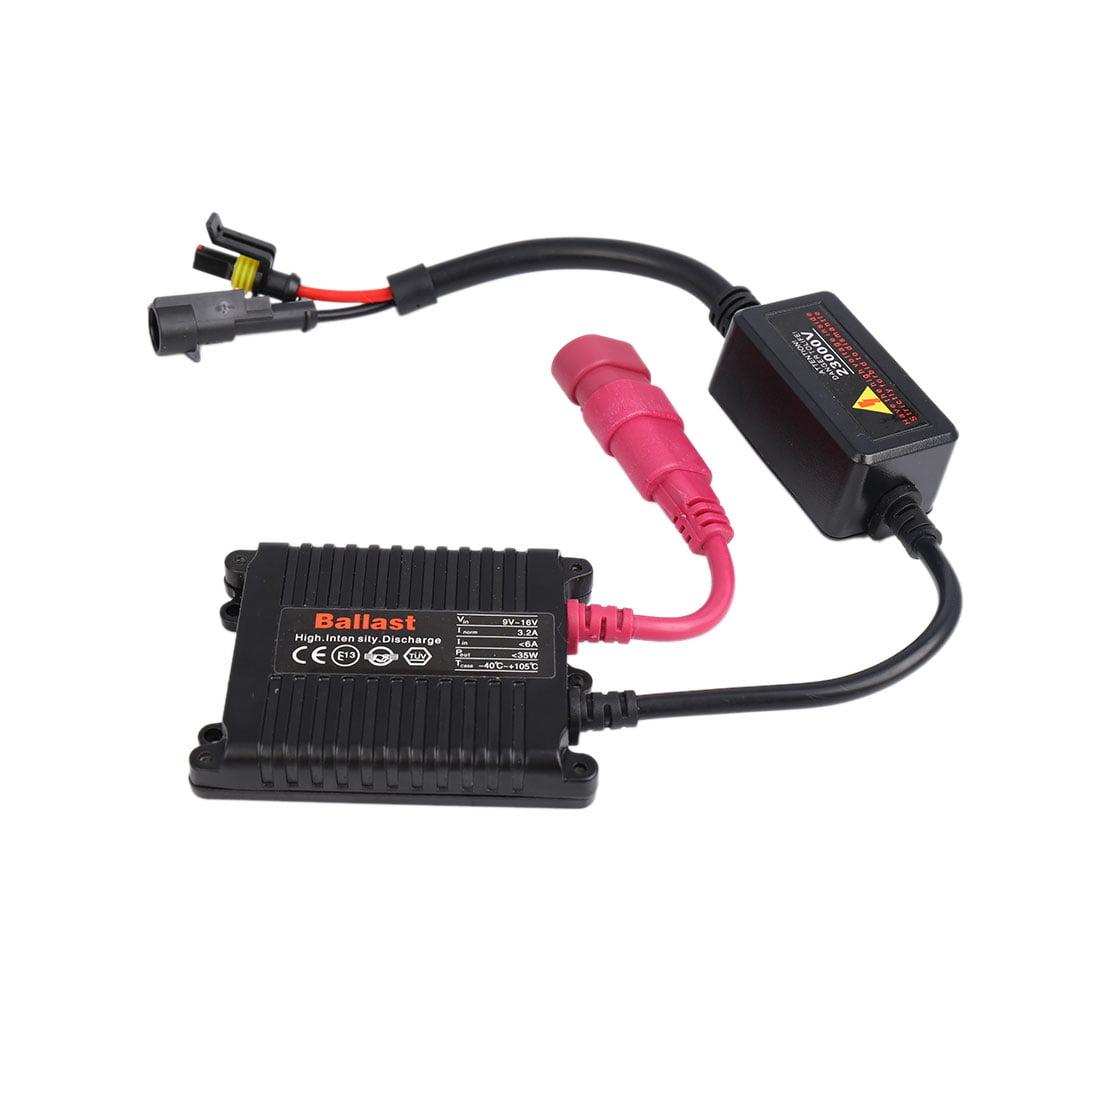 AC 2.4A 9V-16V Digital 35W Slim HID Universal Ballast Xenon Conversion for Car Auto - image 5 of 5